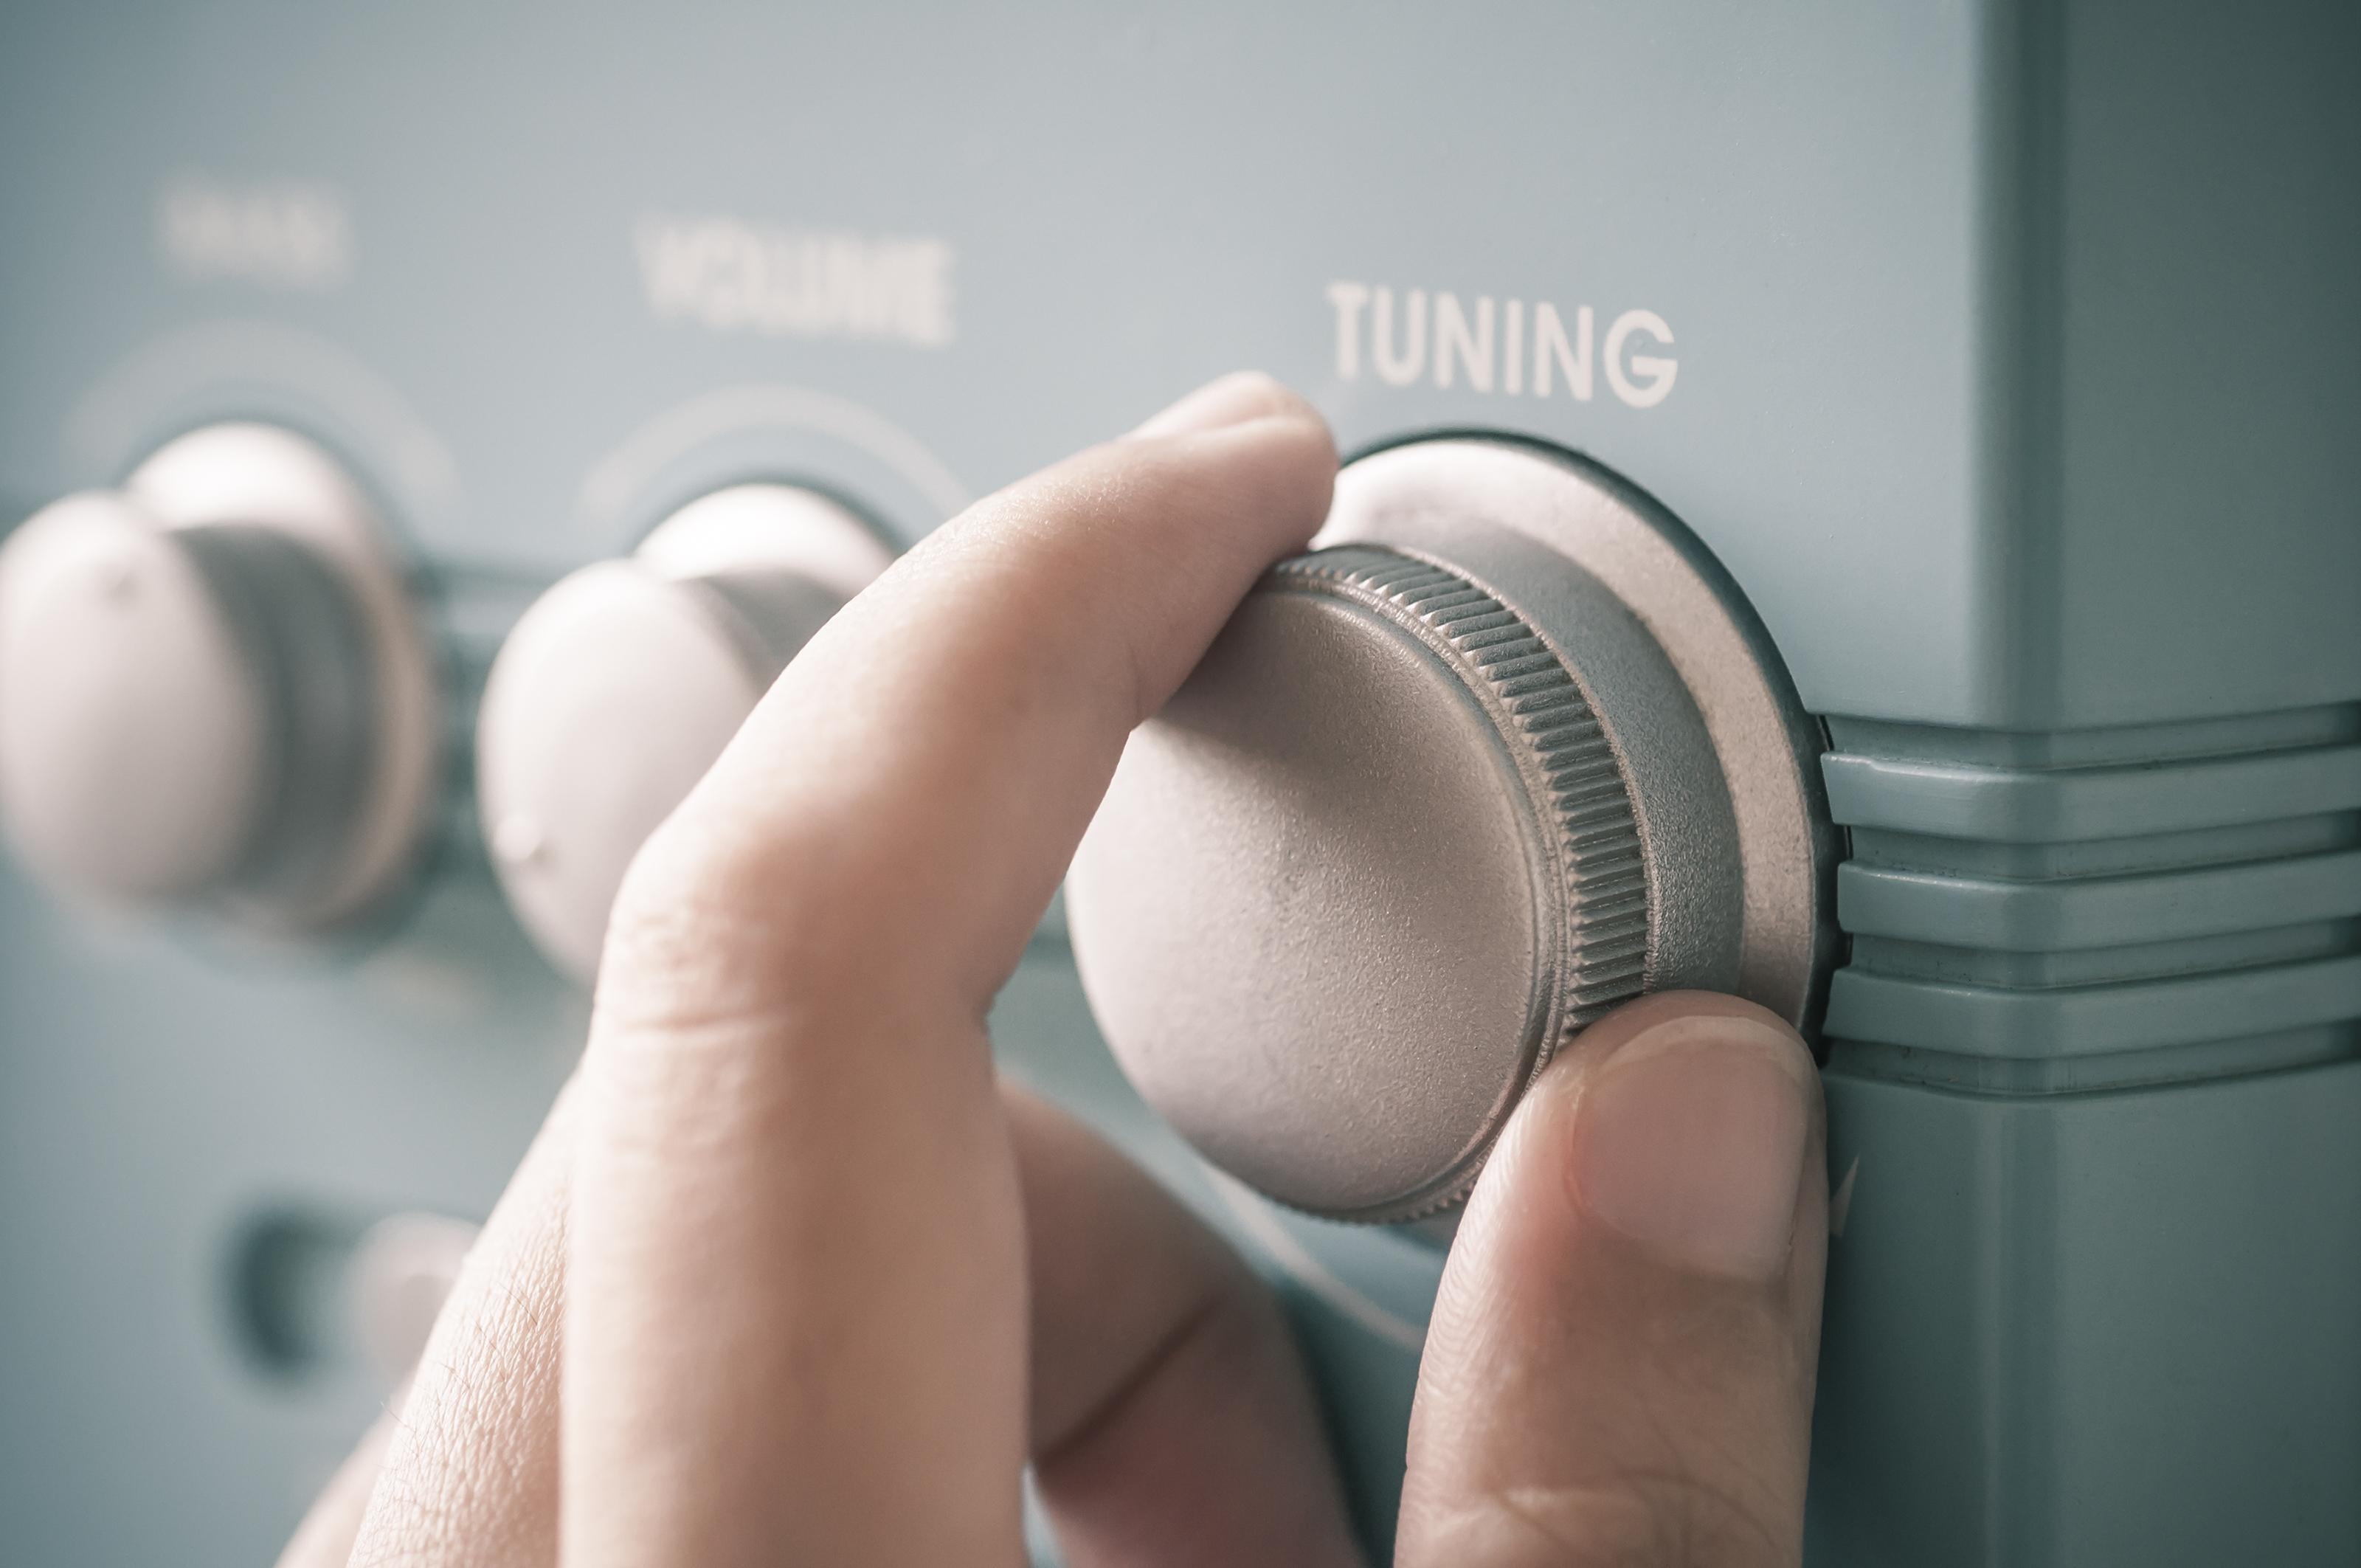 Instalação de som ambiente: 4 inovações tecnológicas para modernizar o seu negócio